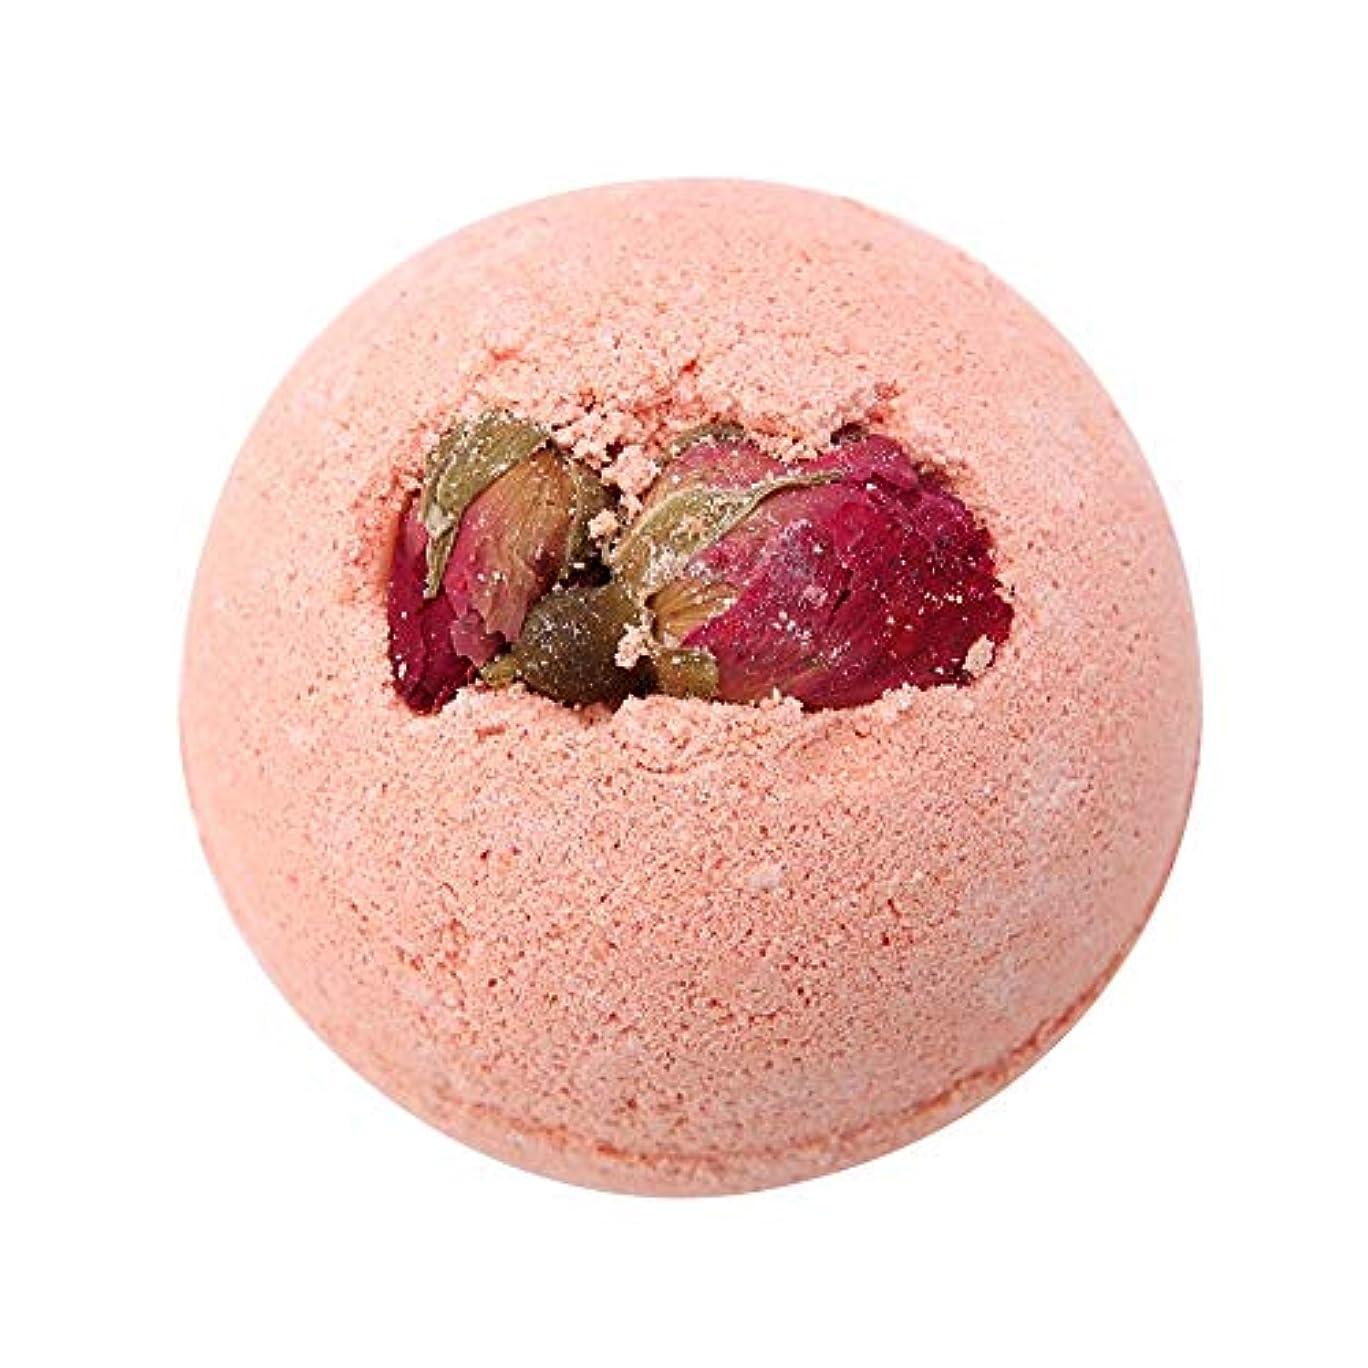 公然とセメント海上入浴剤 100%天然エッセンシャルオイル&ドライフラワー、アロマテラピーリラクゼーション乾燥肌、キューティクルの柔らかさ 泡風呂 ガールフレンドのアイデアギフト 女性 母親(Pink Rose)